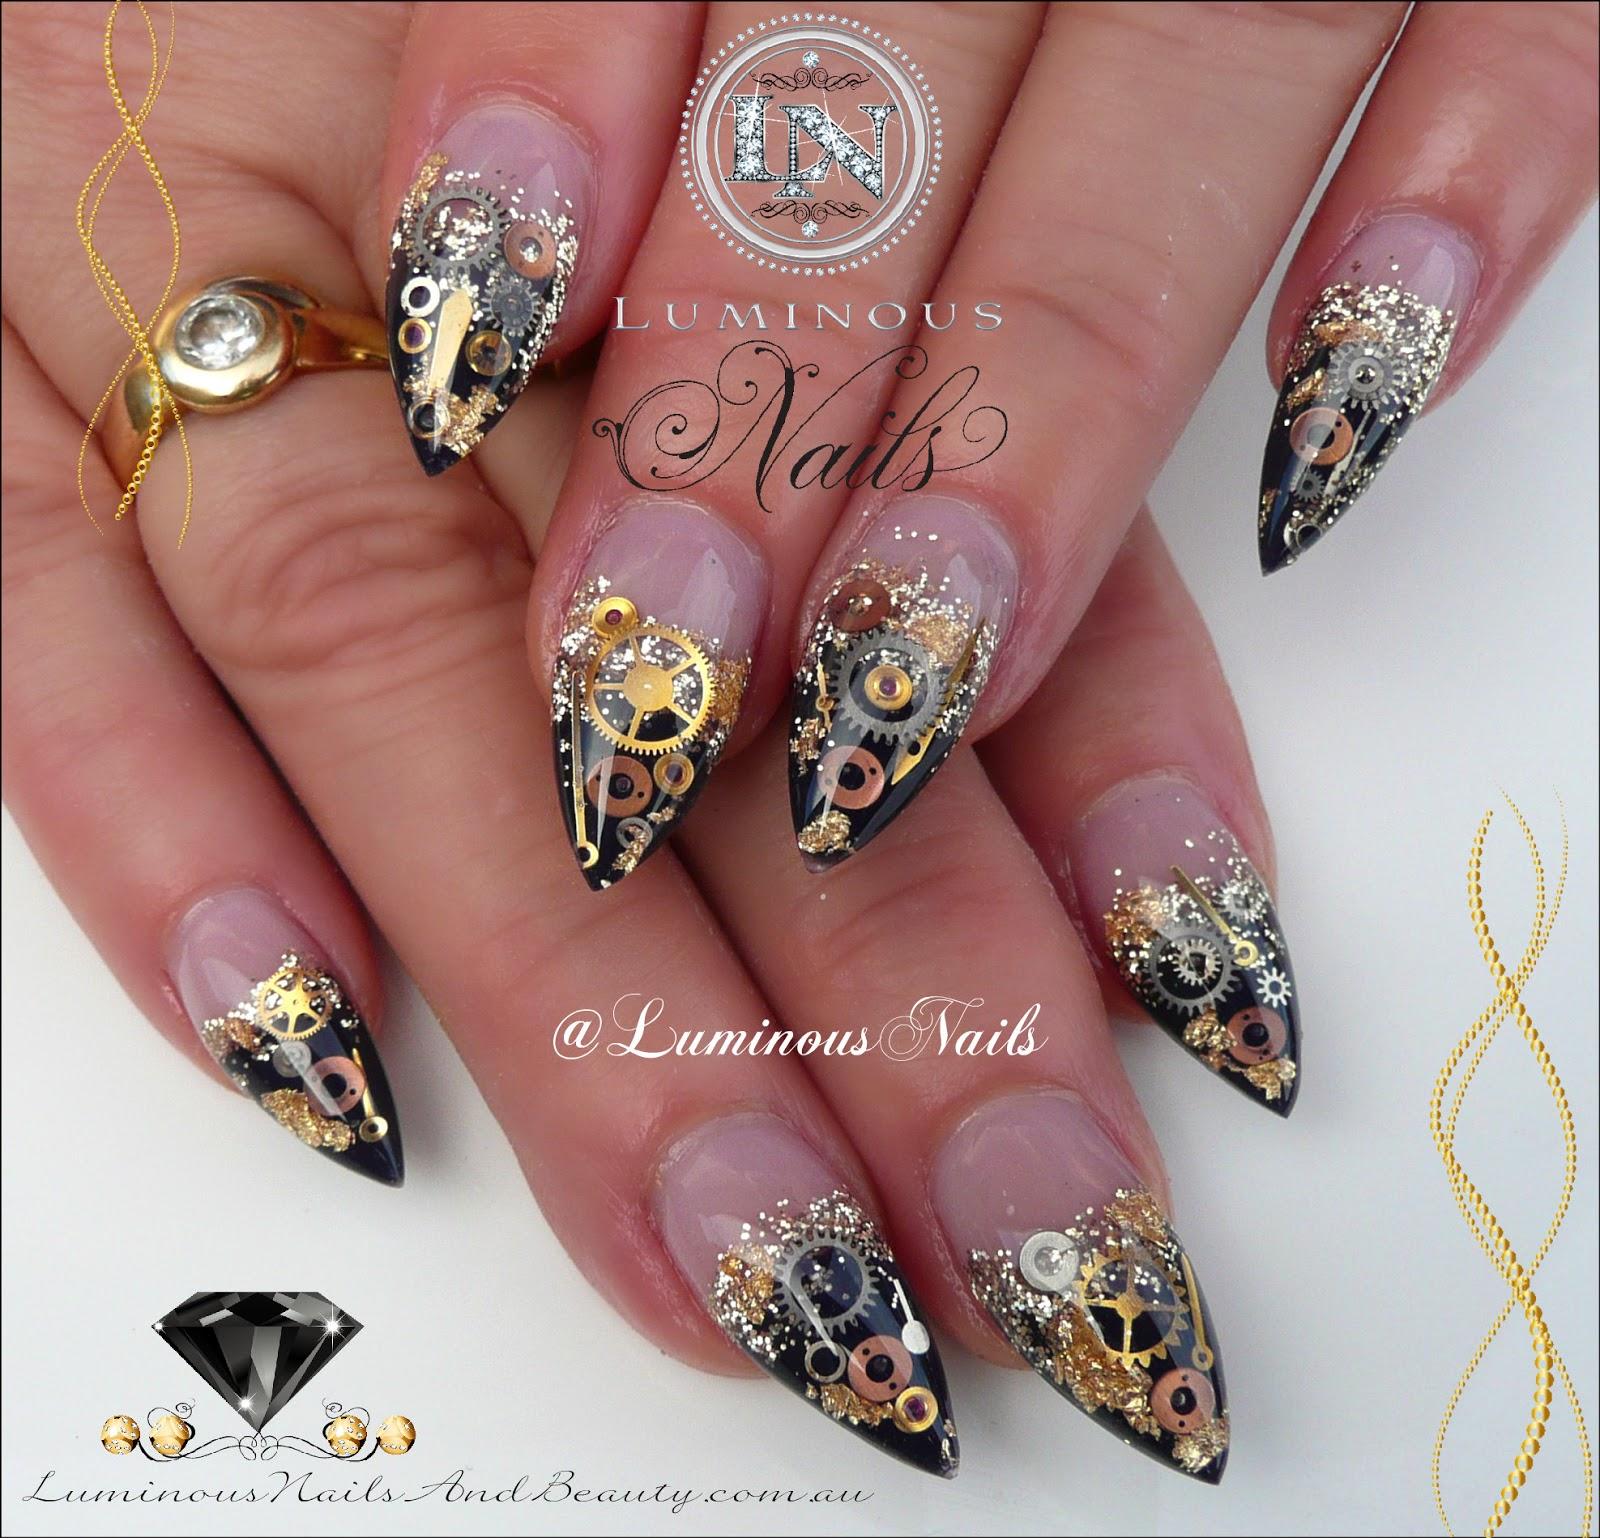 Luminous Nails Black Gold Steam Punk Acrylic Nails